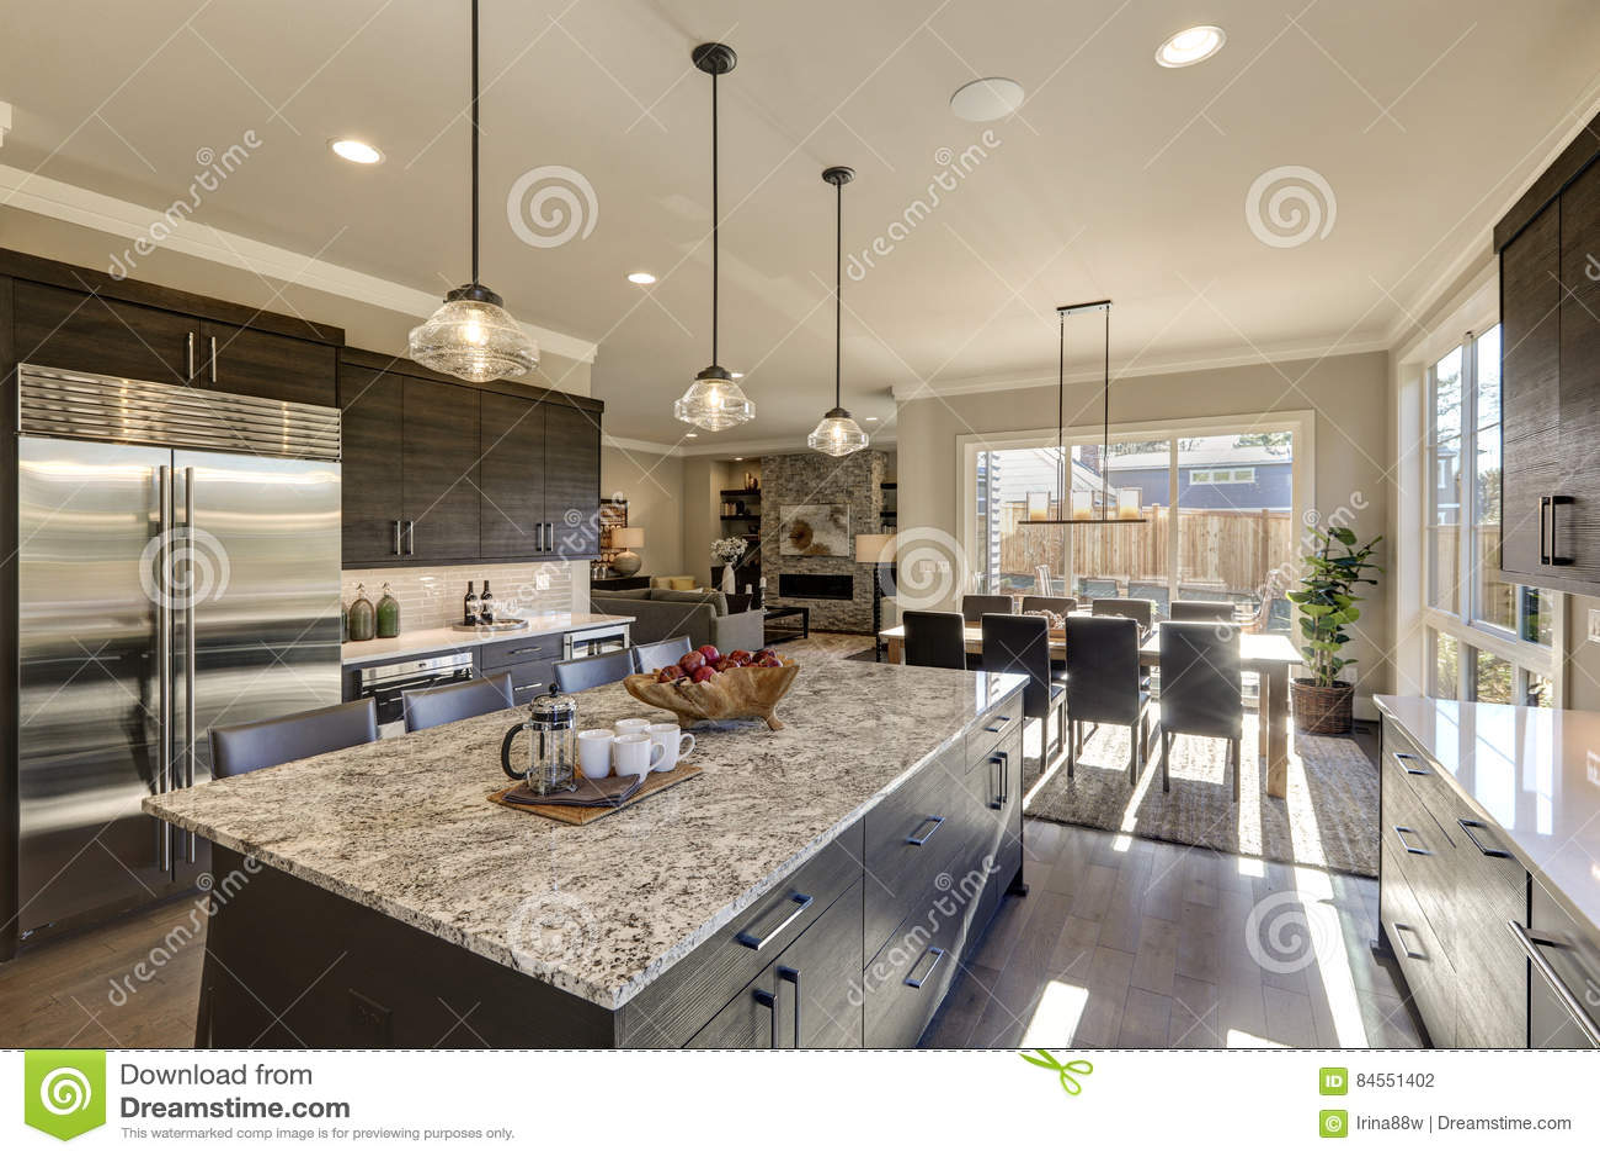 Tegels Grijze Keuken : De moderne grijze keuken kenmerkt donkergrijze cabinetry stock